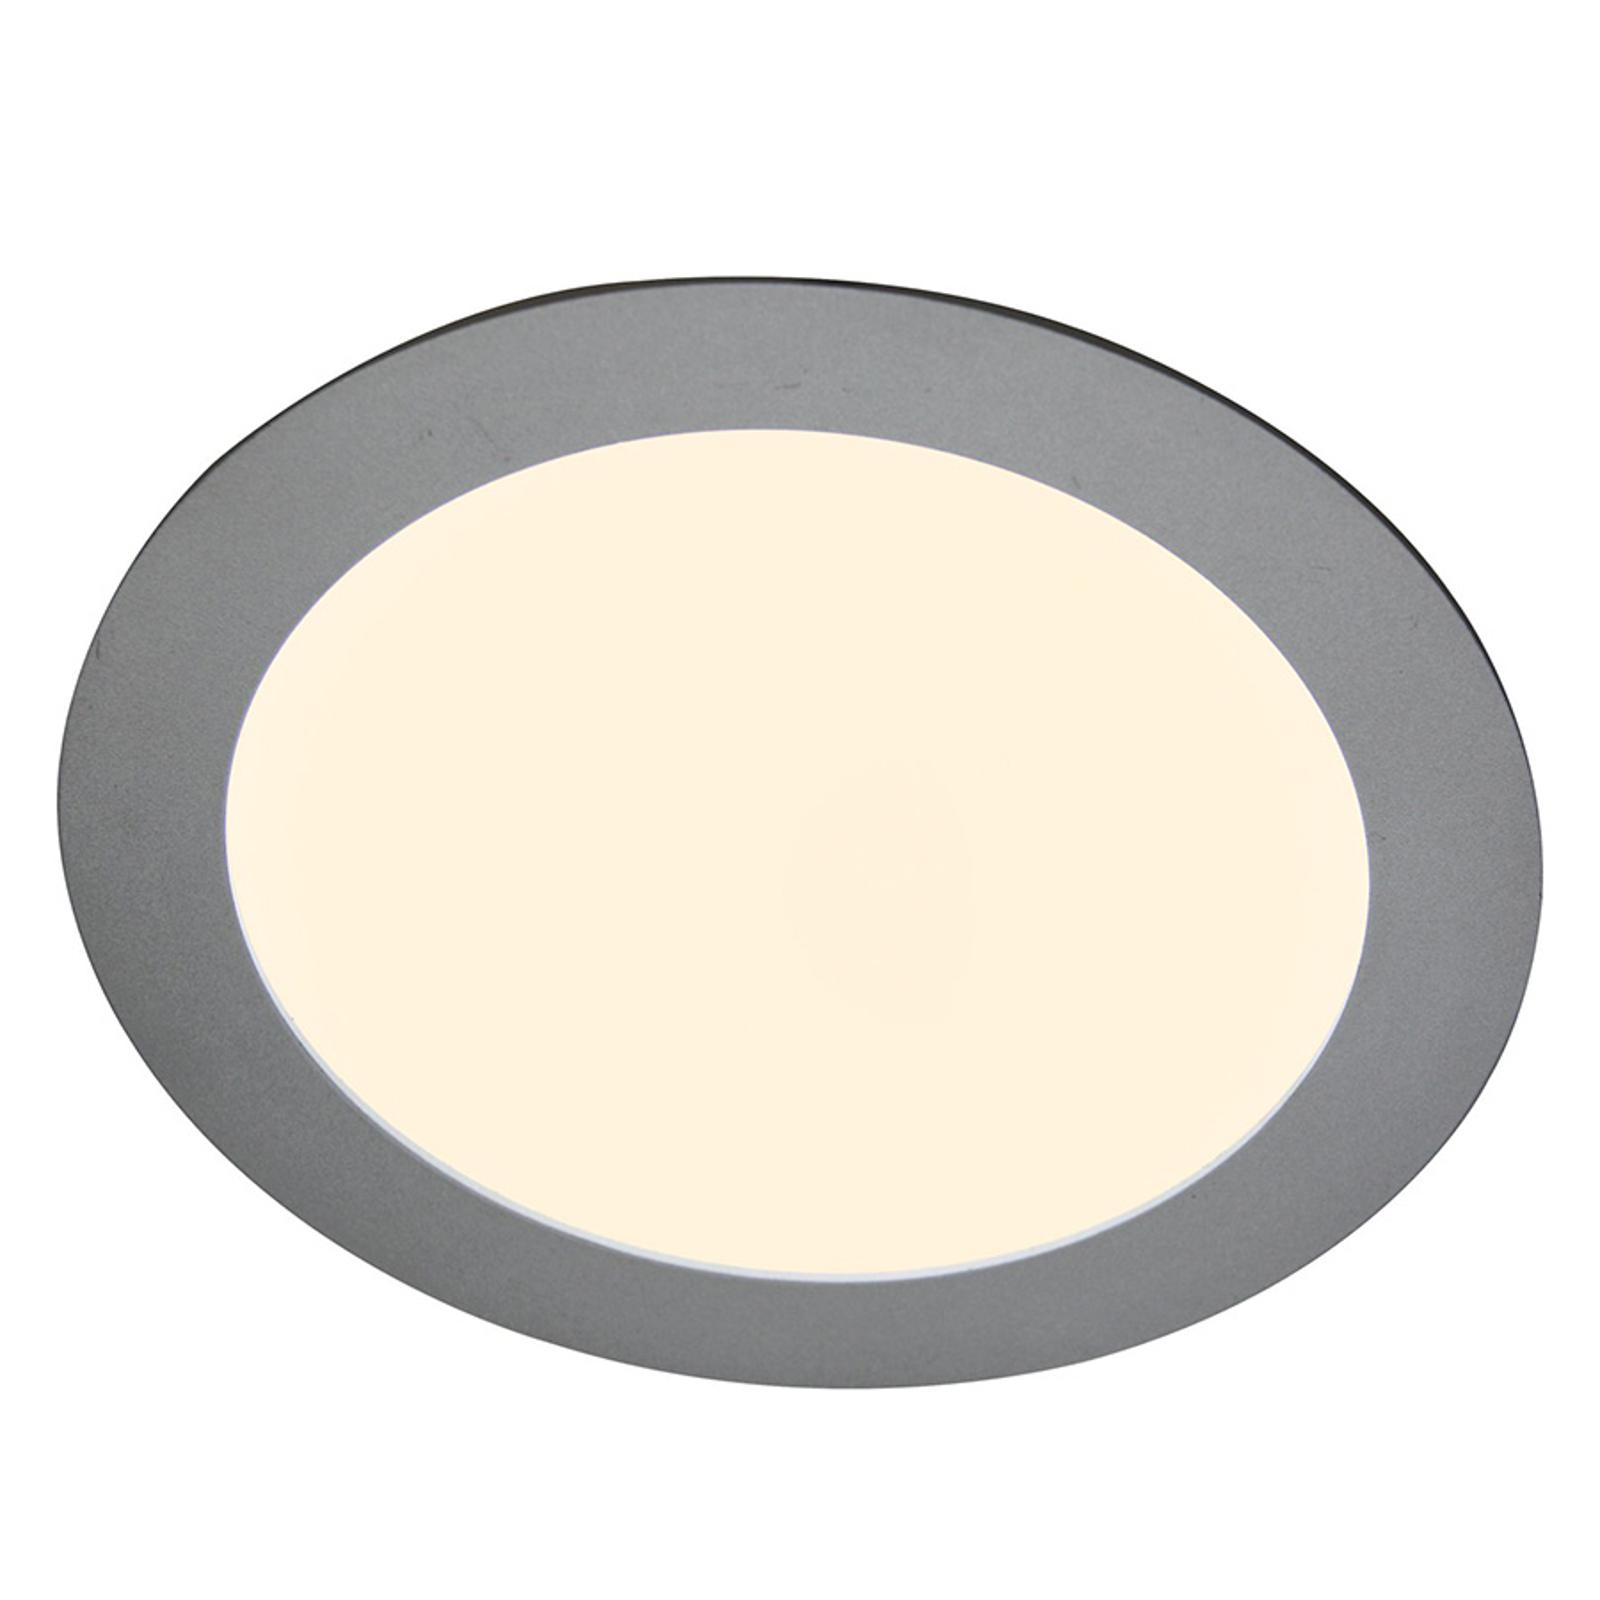 Für Bad und Außenbereich - Einlegepanel Justus LED